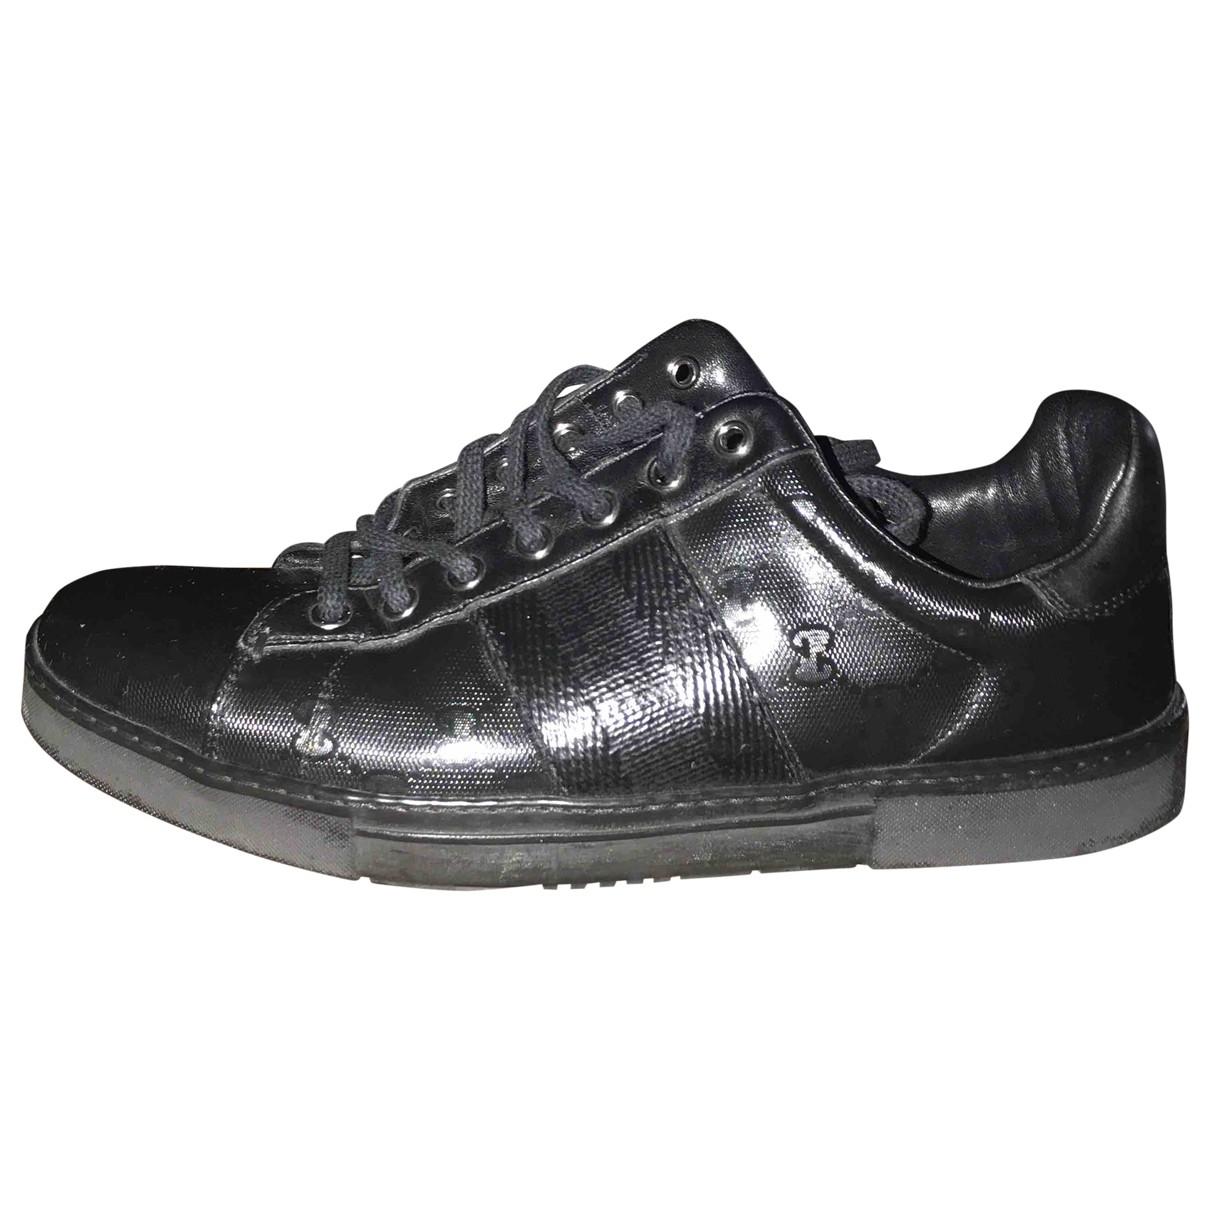 Gucci - Baskets   pour homme en toile - noir